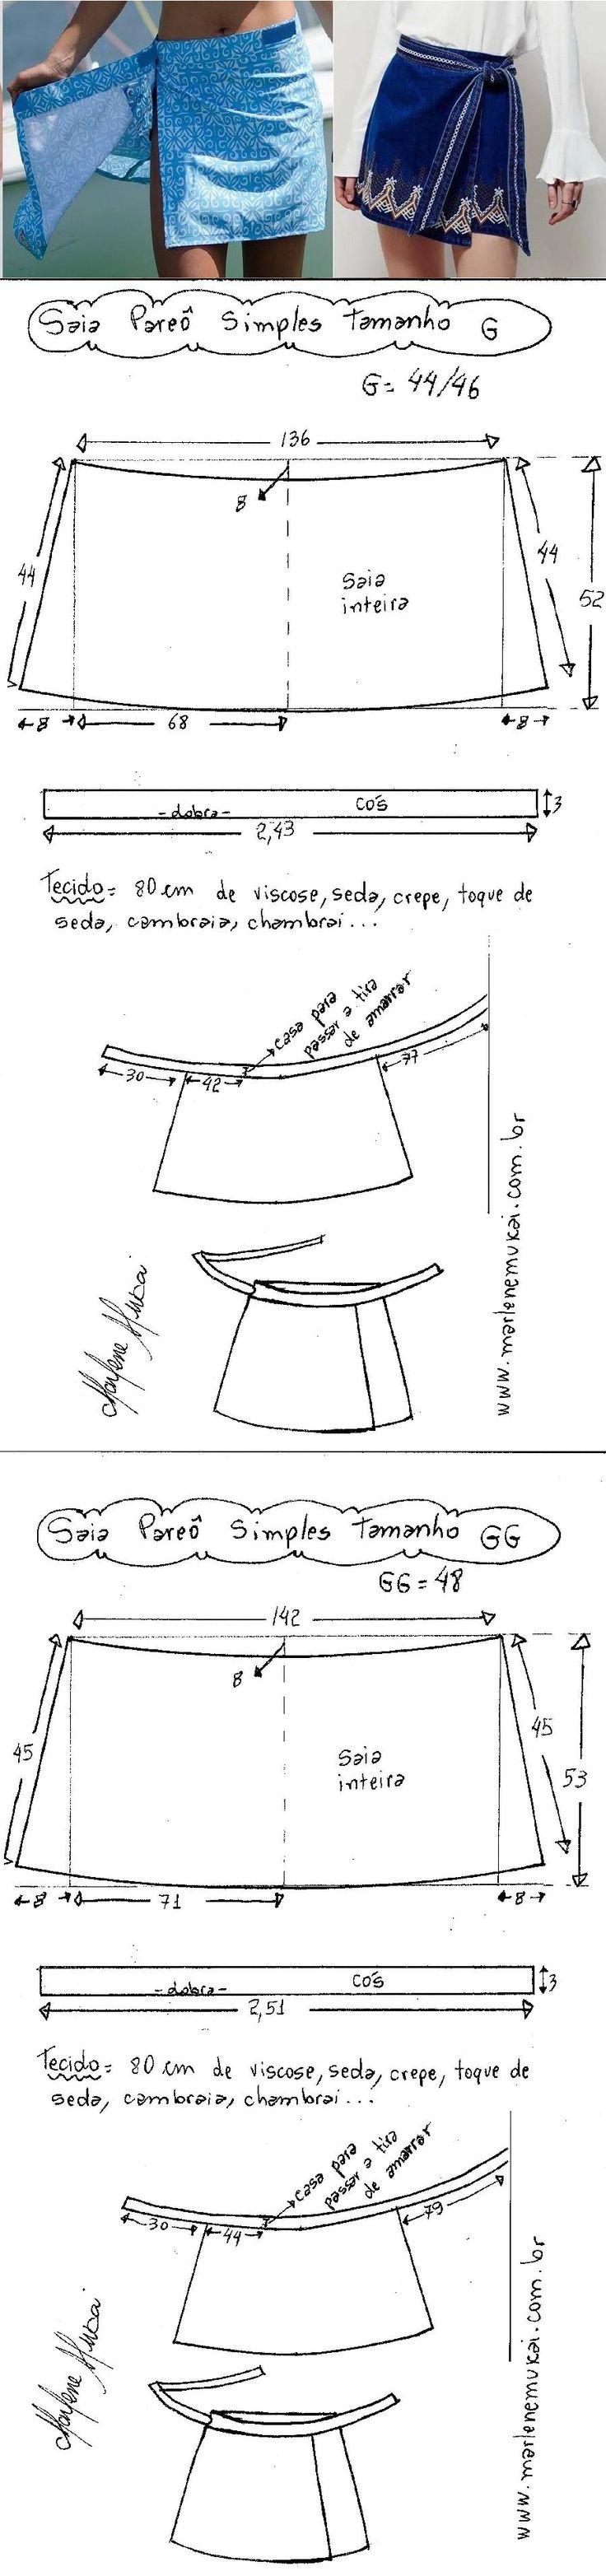 Wrap Skirt Sewing Pattern || http://www.marlenemukai.com.br/2016/11/09/saia-envelope-facil-simples/